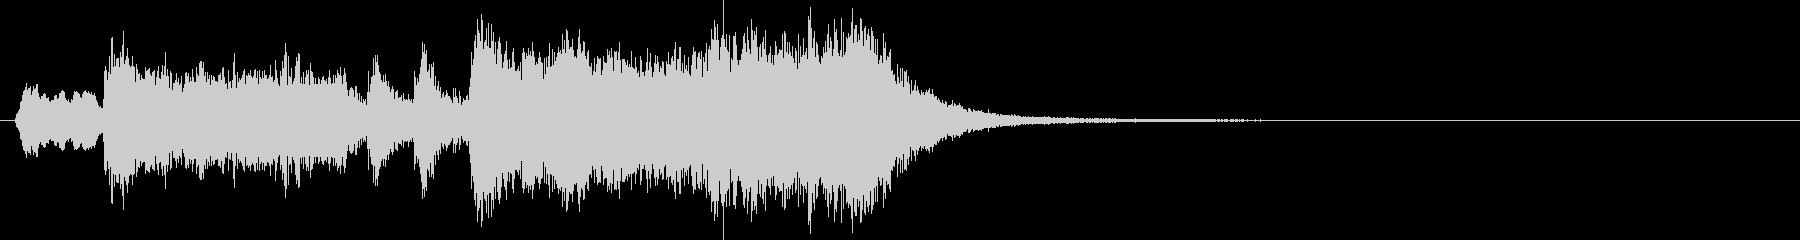 シンプルなオーケストラファンファーレの未再生の波形